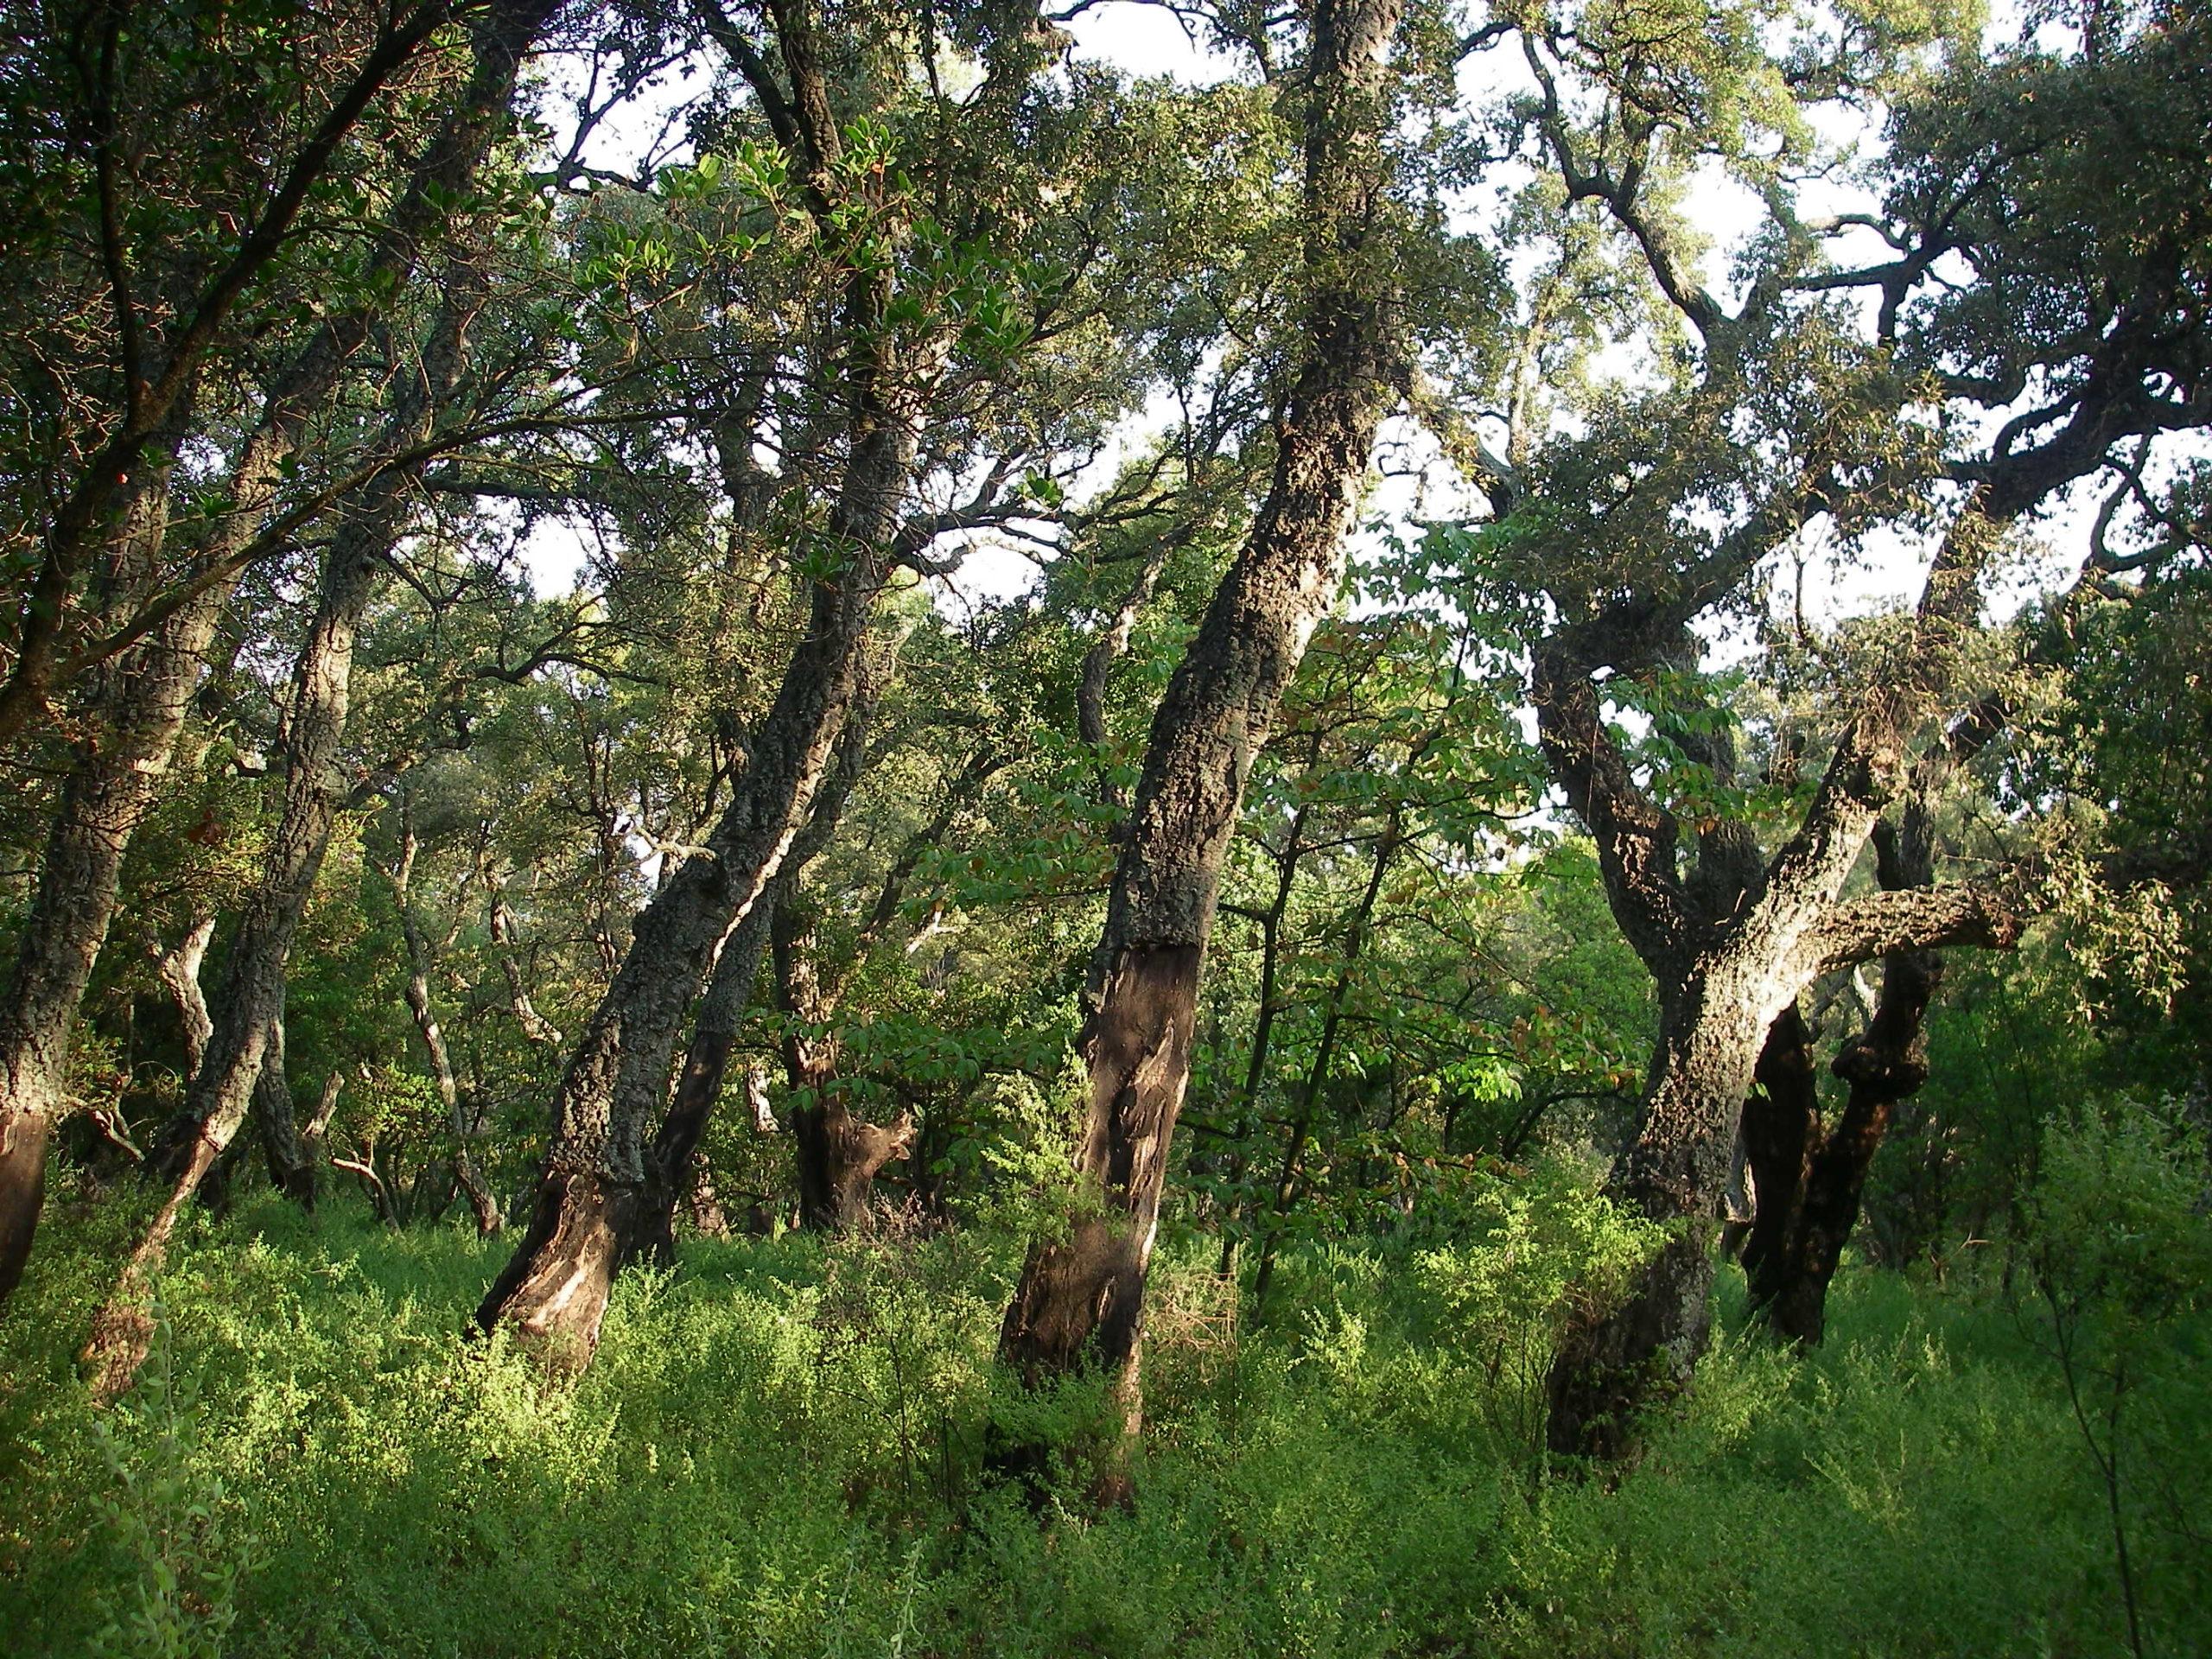 image d'illustration Les écosystèmes forestiers